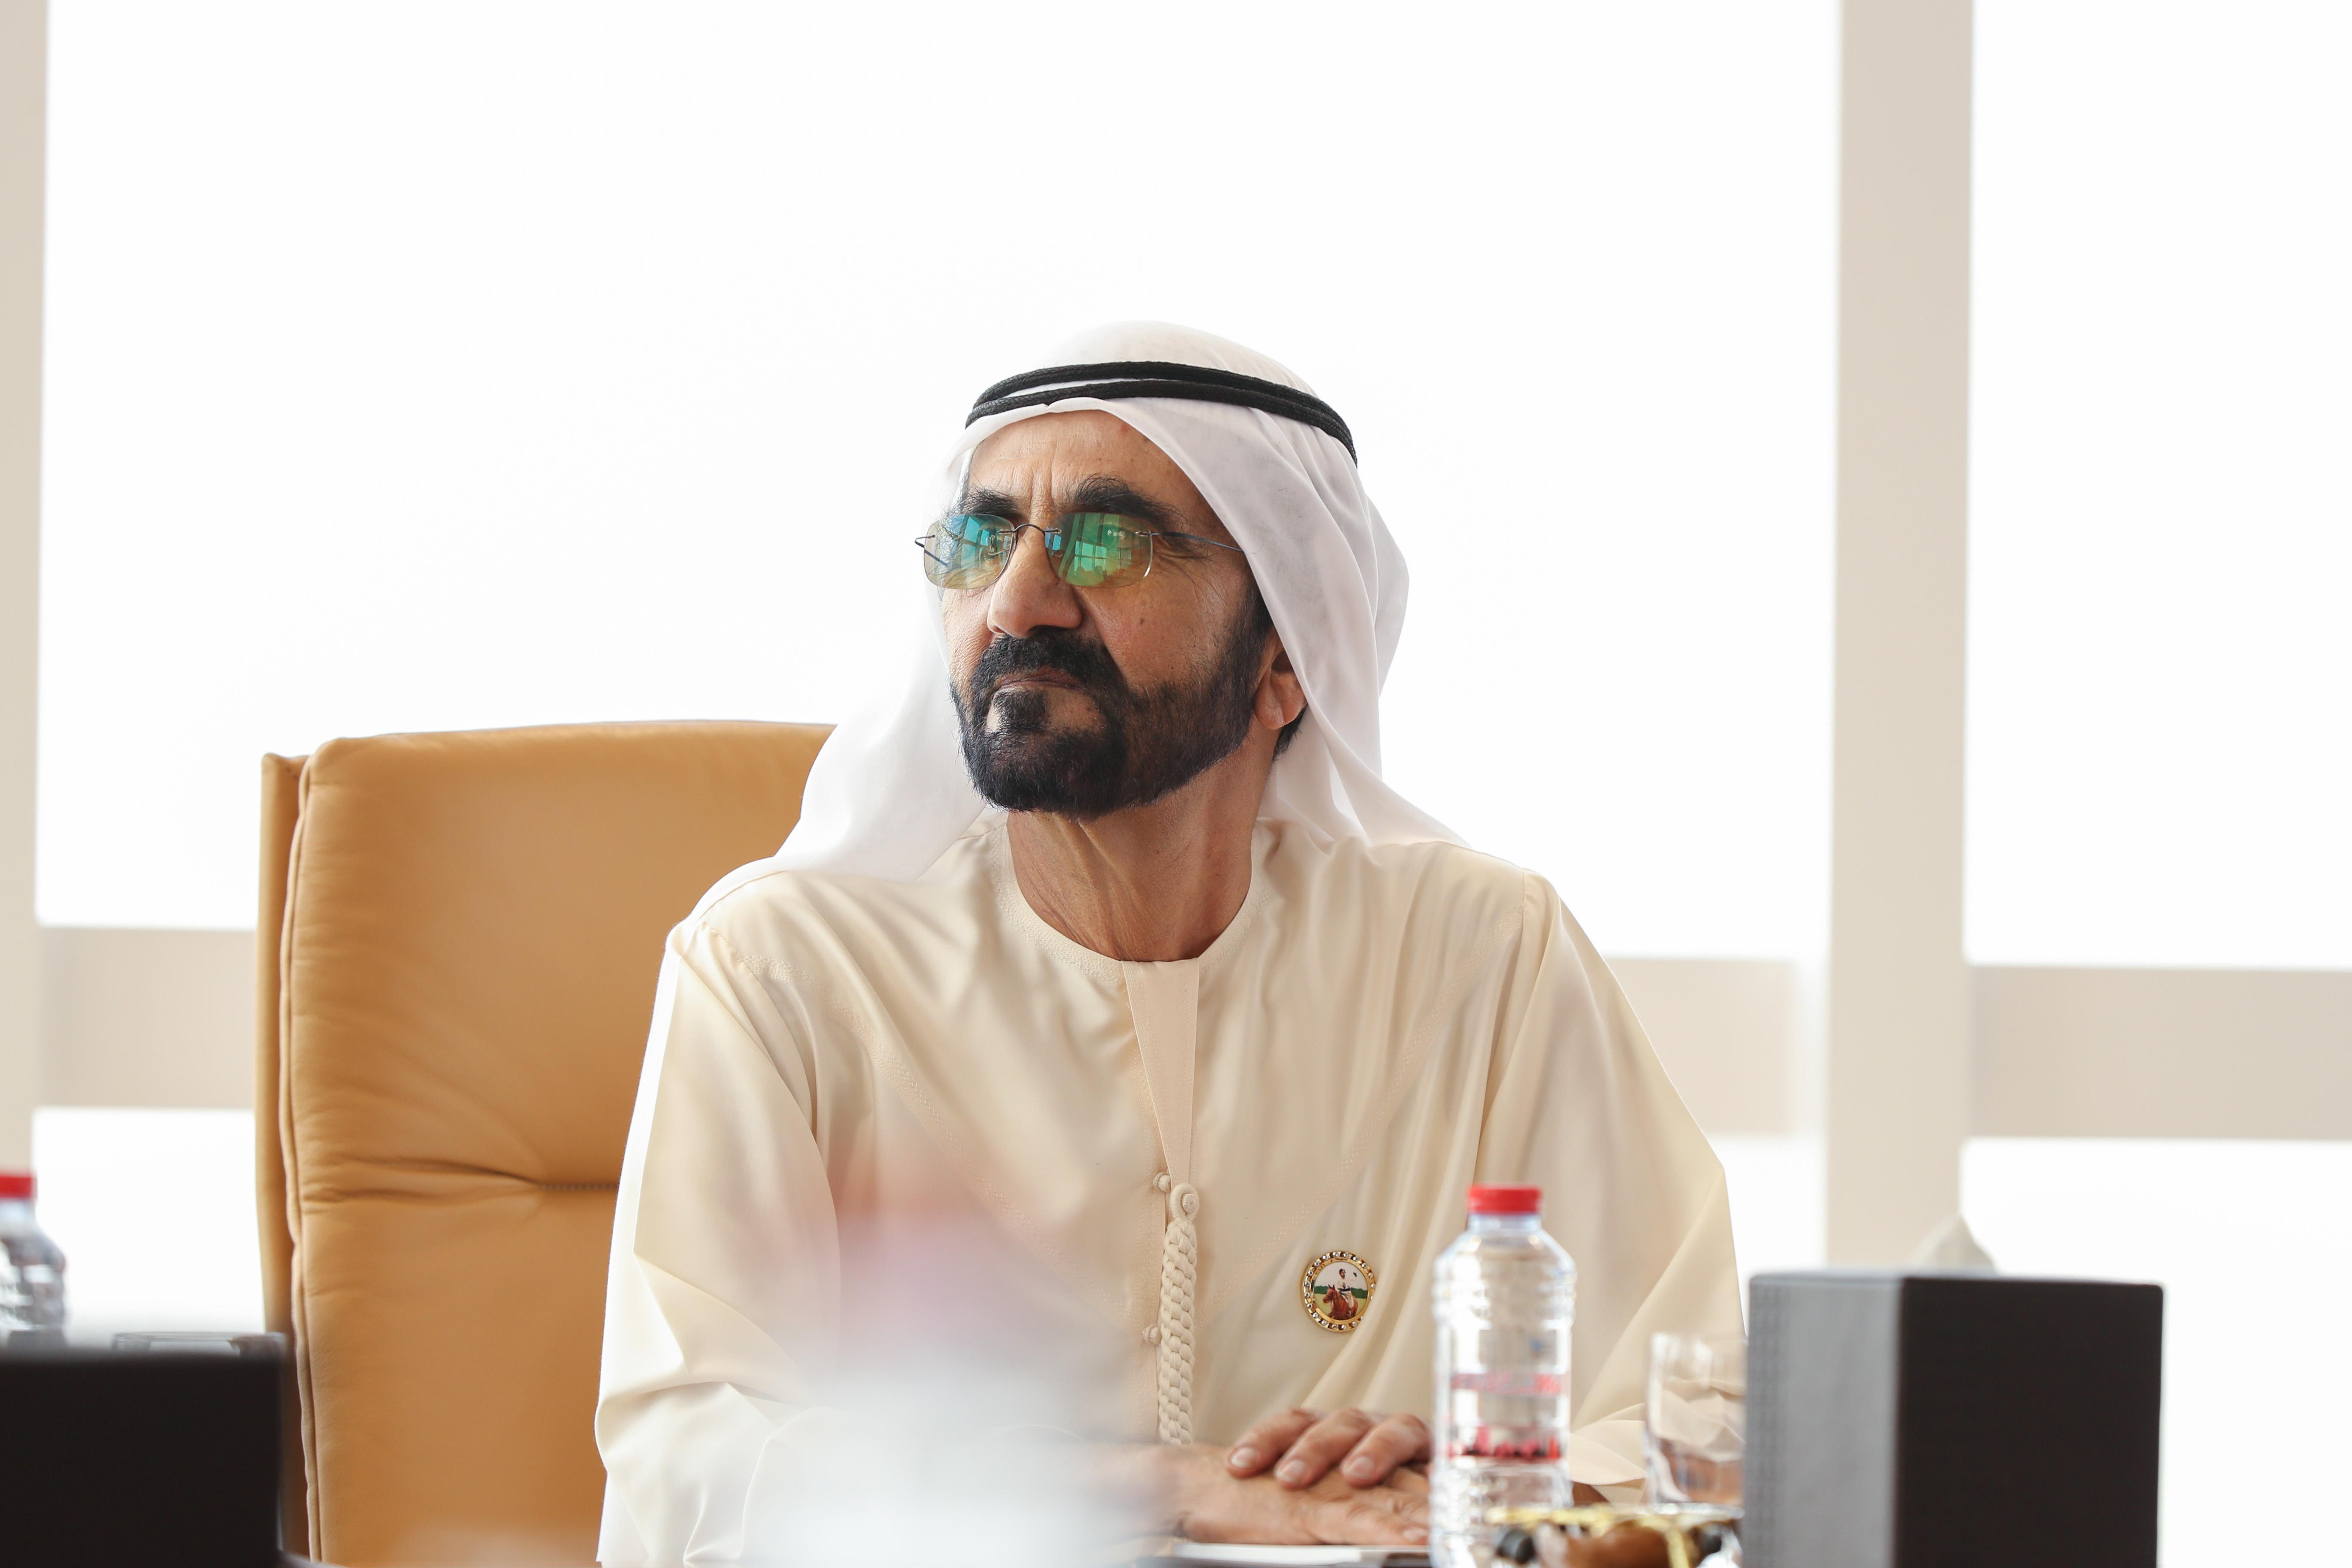 """صاحب السمو الشيخ محمد بن راشد آل مكتوم - محمد بن راشد يصدر قانوناً بنقل """"لجنة دبي للموارد البشرية العسكرية"""" إلى دائرة الموارد البشرية لحكومة دبي"""